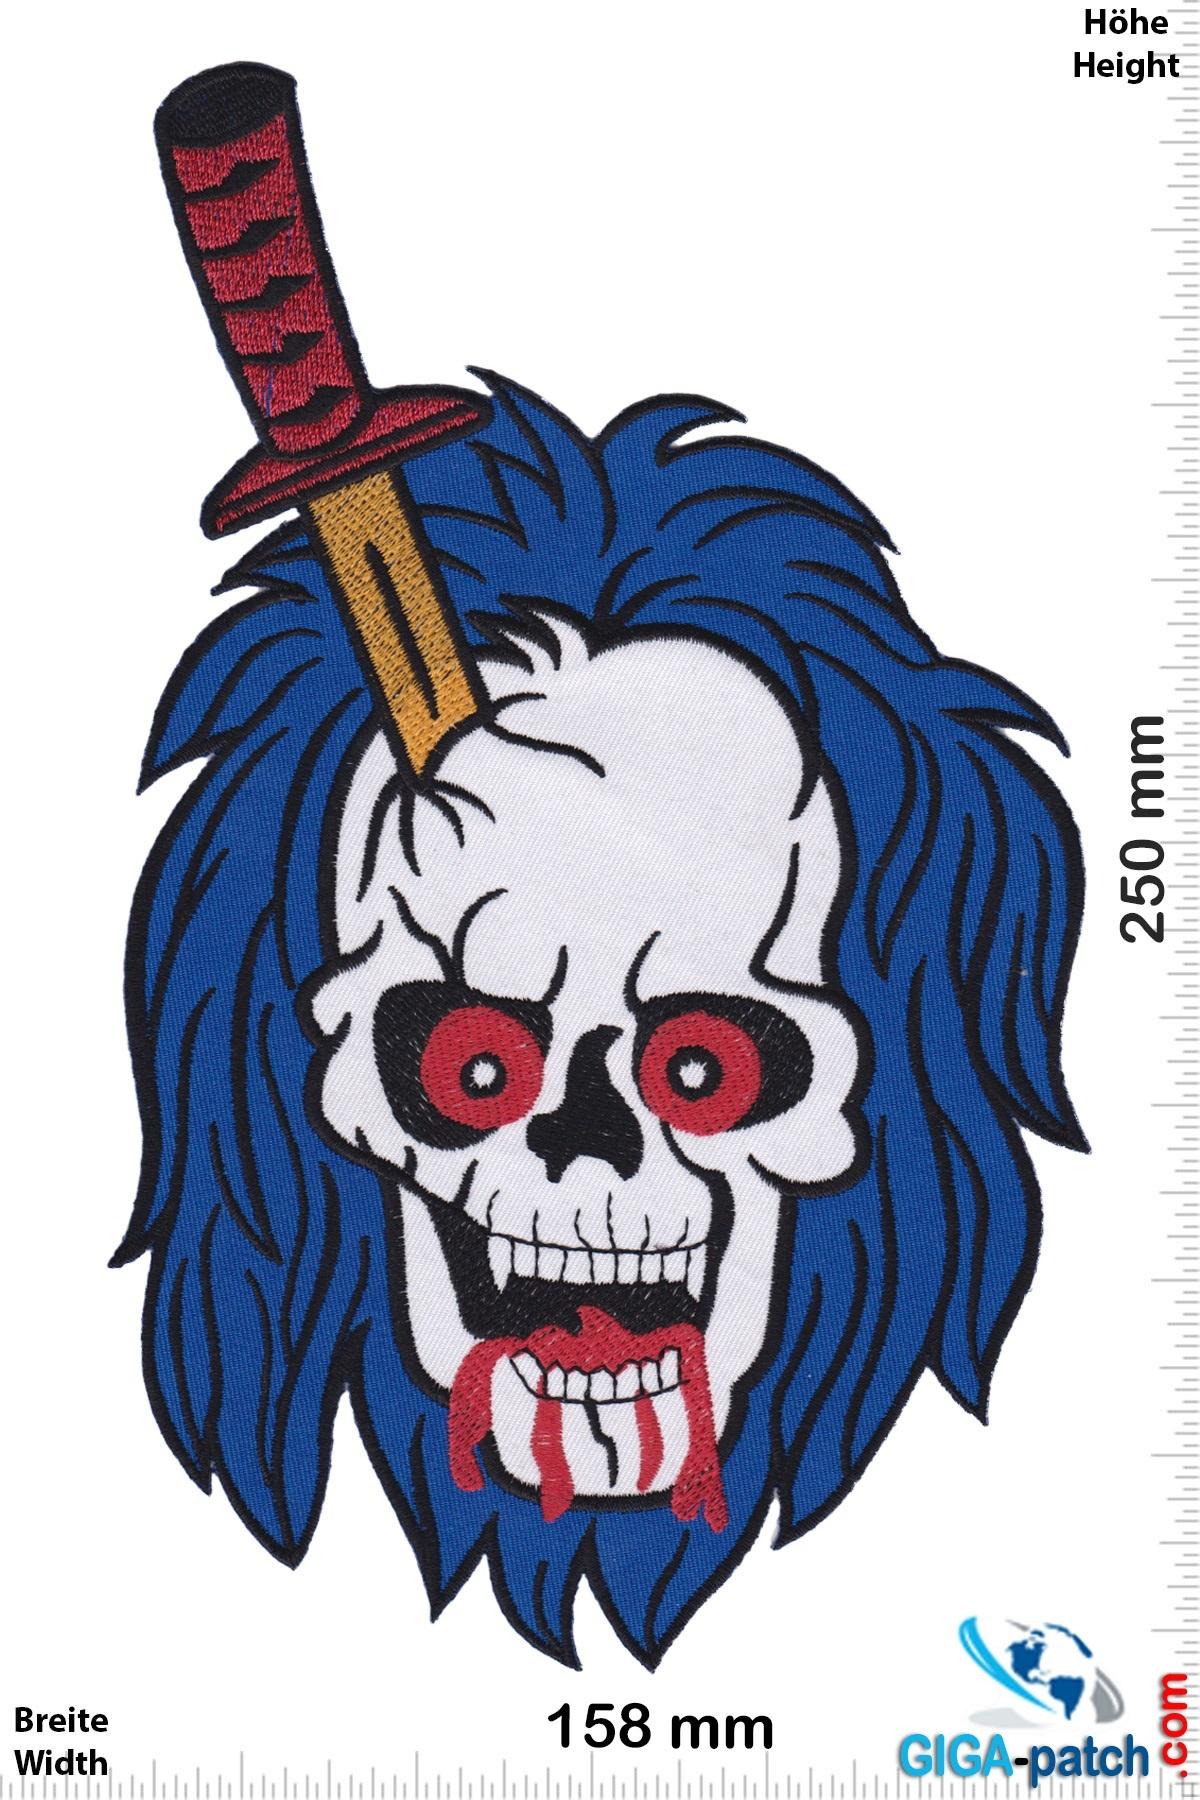 Totenkopf Skull - Sword - 25 cm